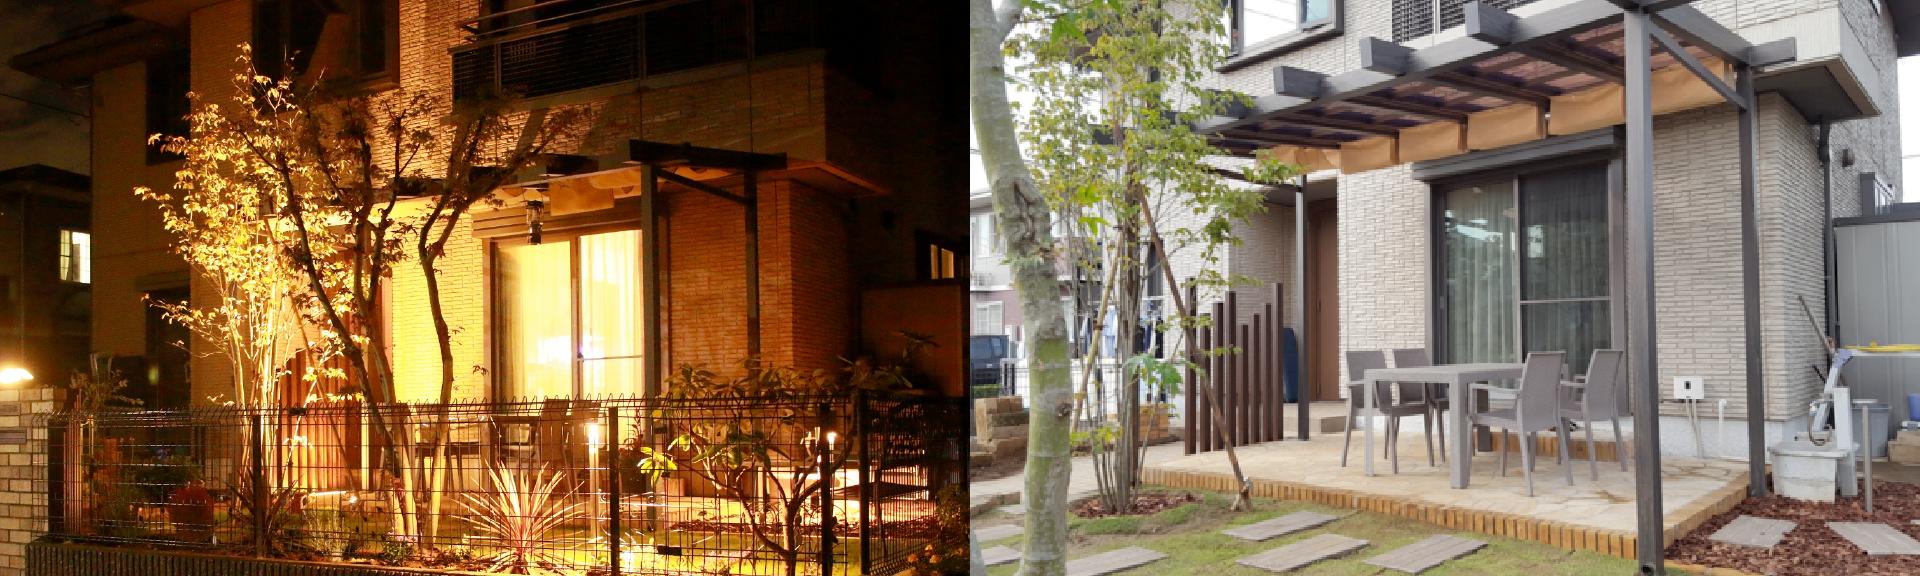 お客様がエクステリアへのご希望将来の夢などについて語り合えるお庭造りのパートナーここちテリアtsukuba